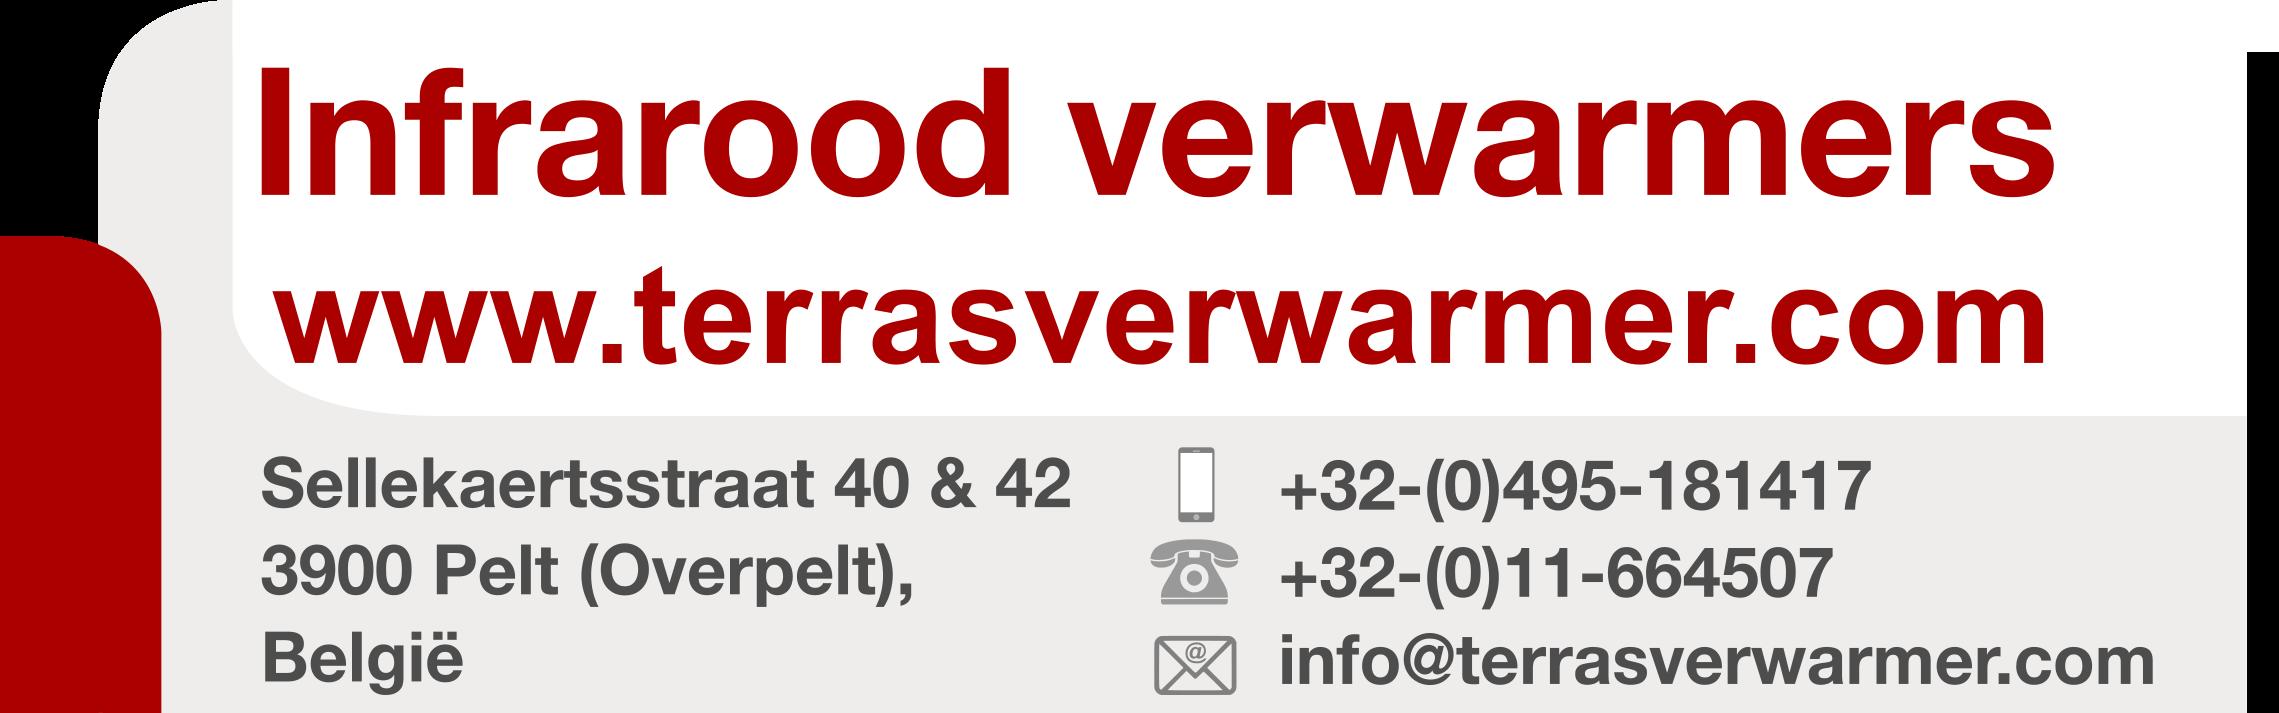 www.terrasverwarmer.com